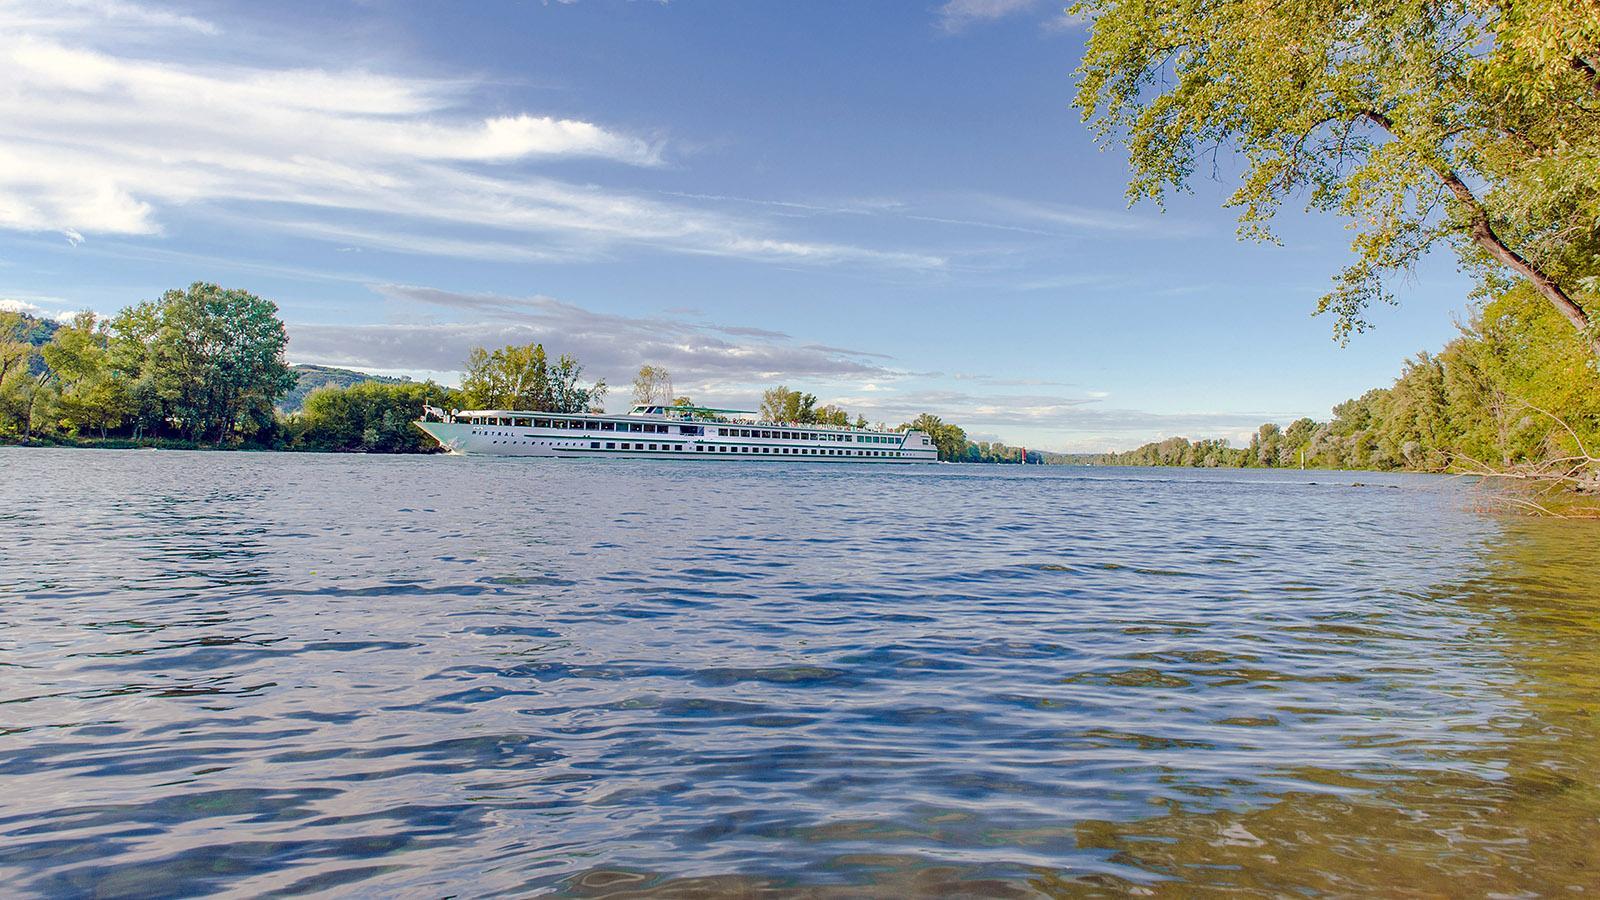 Auf der Rhône verkehren zahlreiche Flusskreuzschiffe - so auch hier bei Sablons südlich der Île de la Platière. Foto: Hilke Maunder